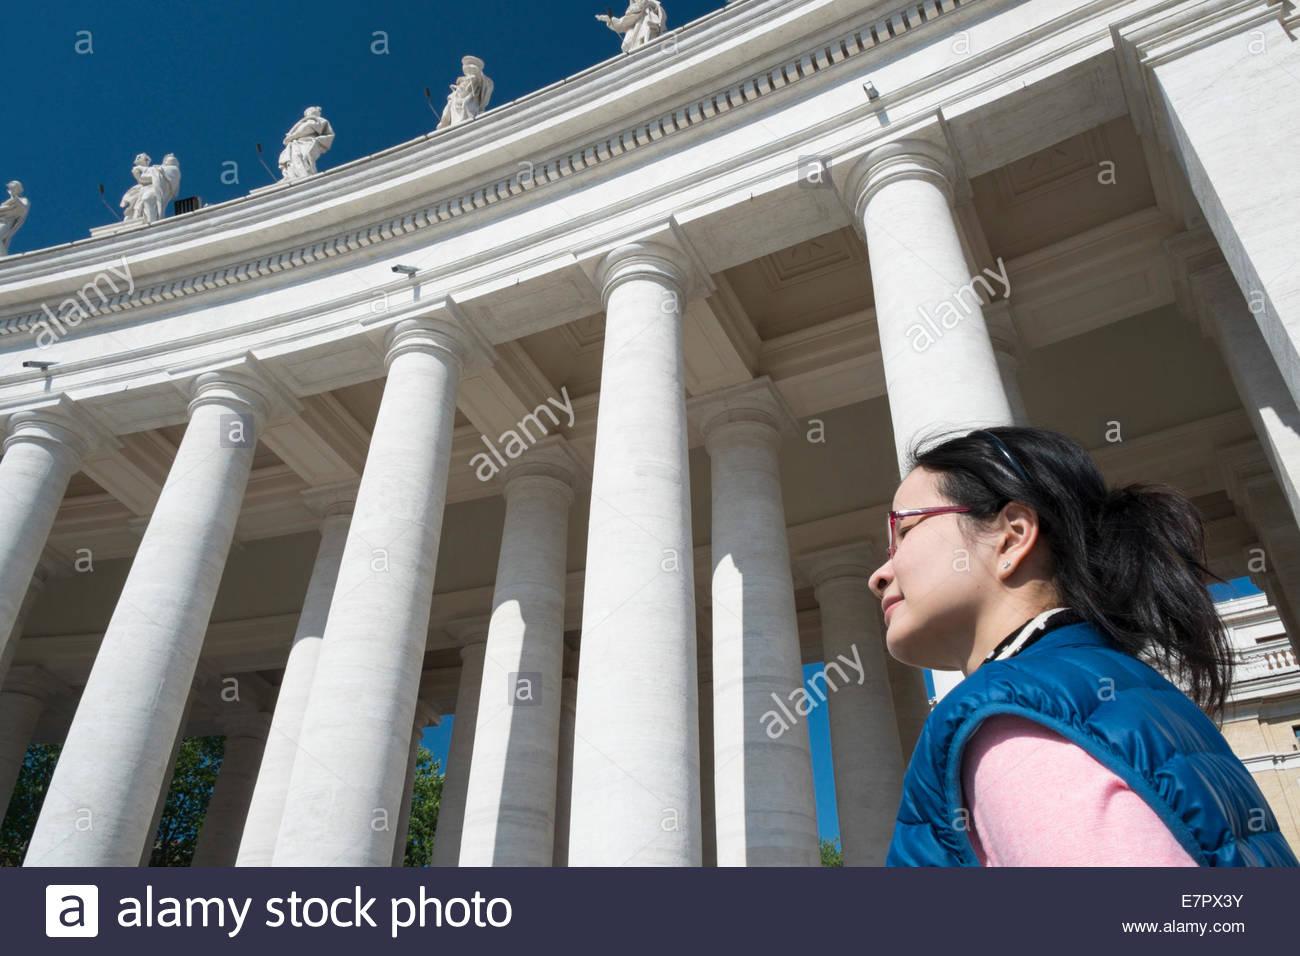 Asian Female Tourist at Piazza San Pietro in Citta del Vaticano, Rome, Italy - Stock Image